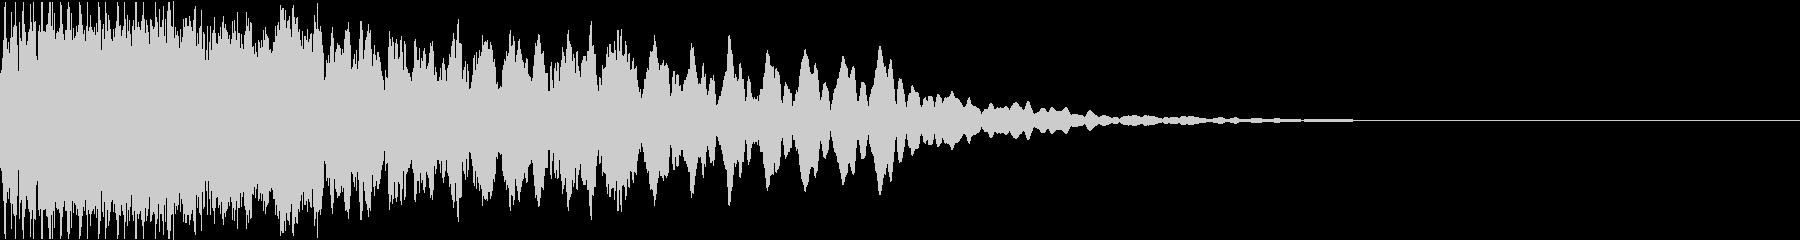 キュイン ギュイーン シャキーン 16の未再生の波形